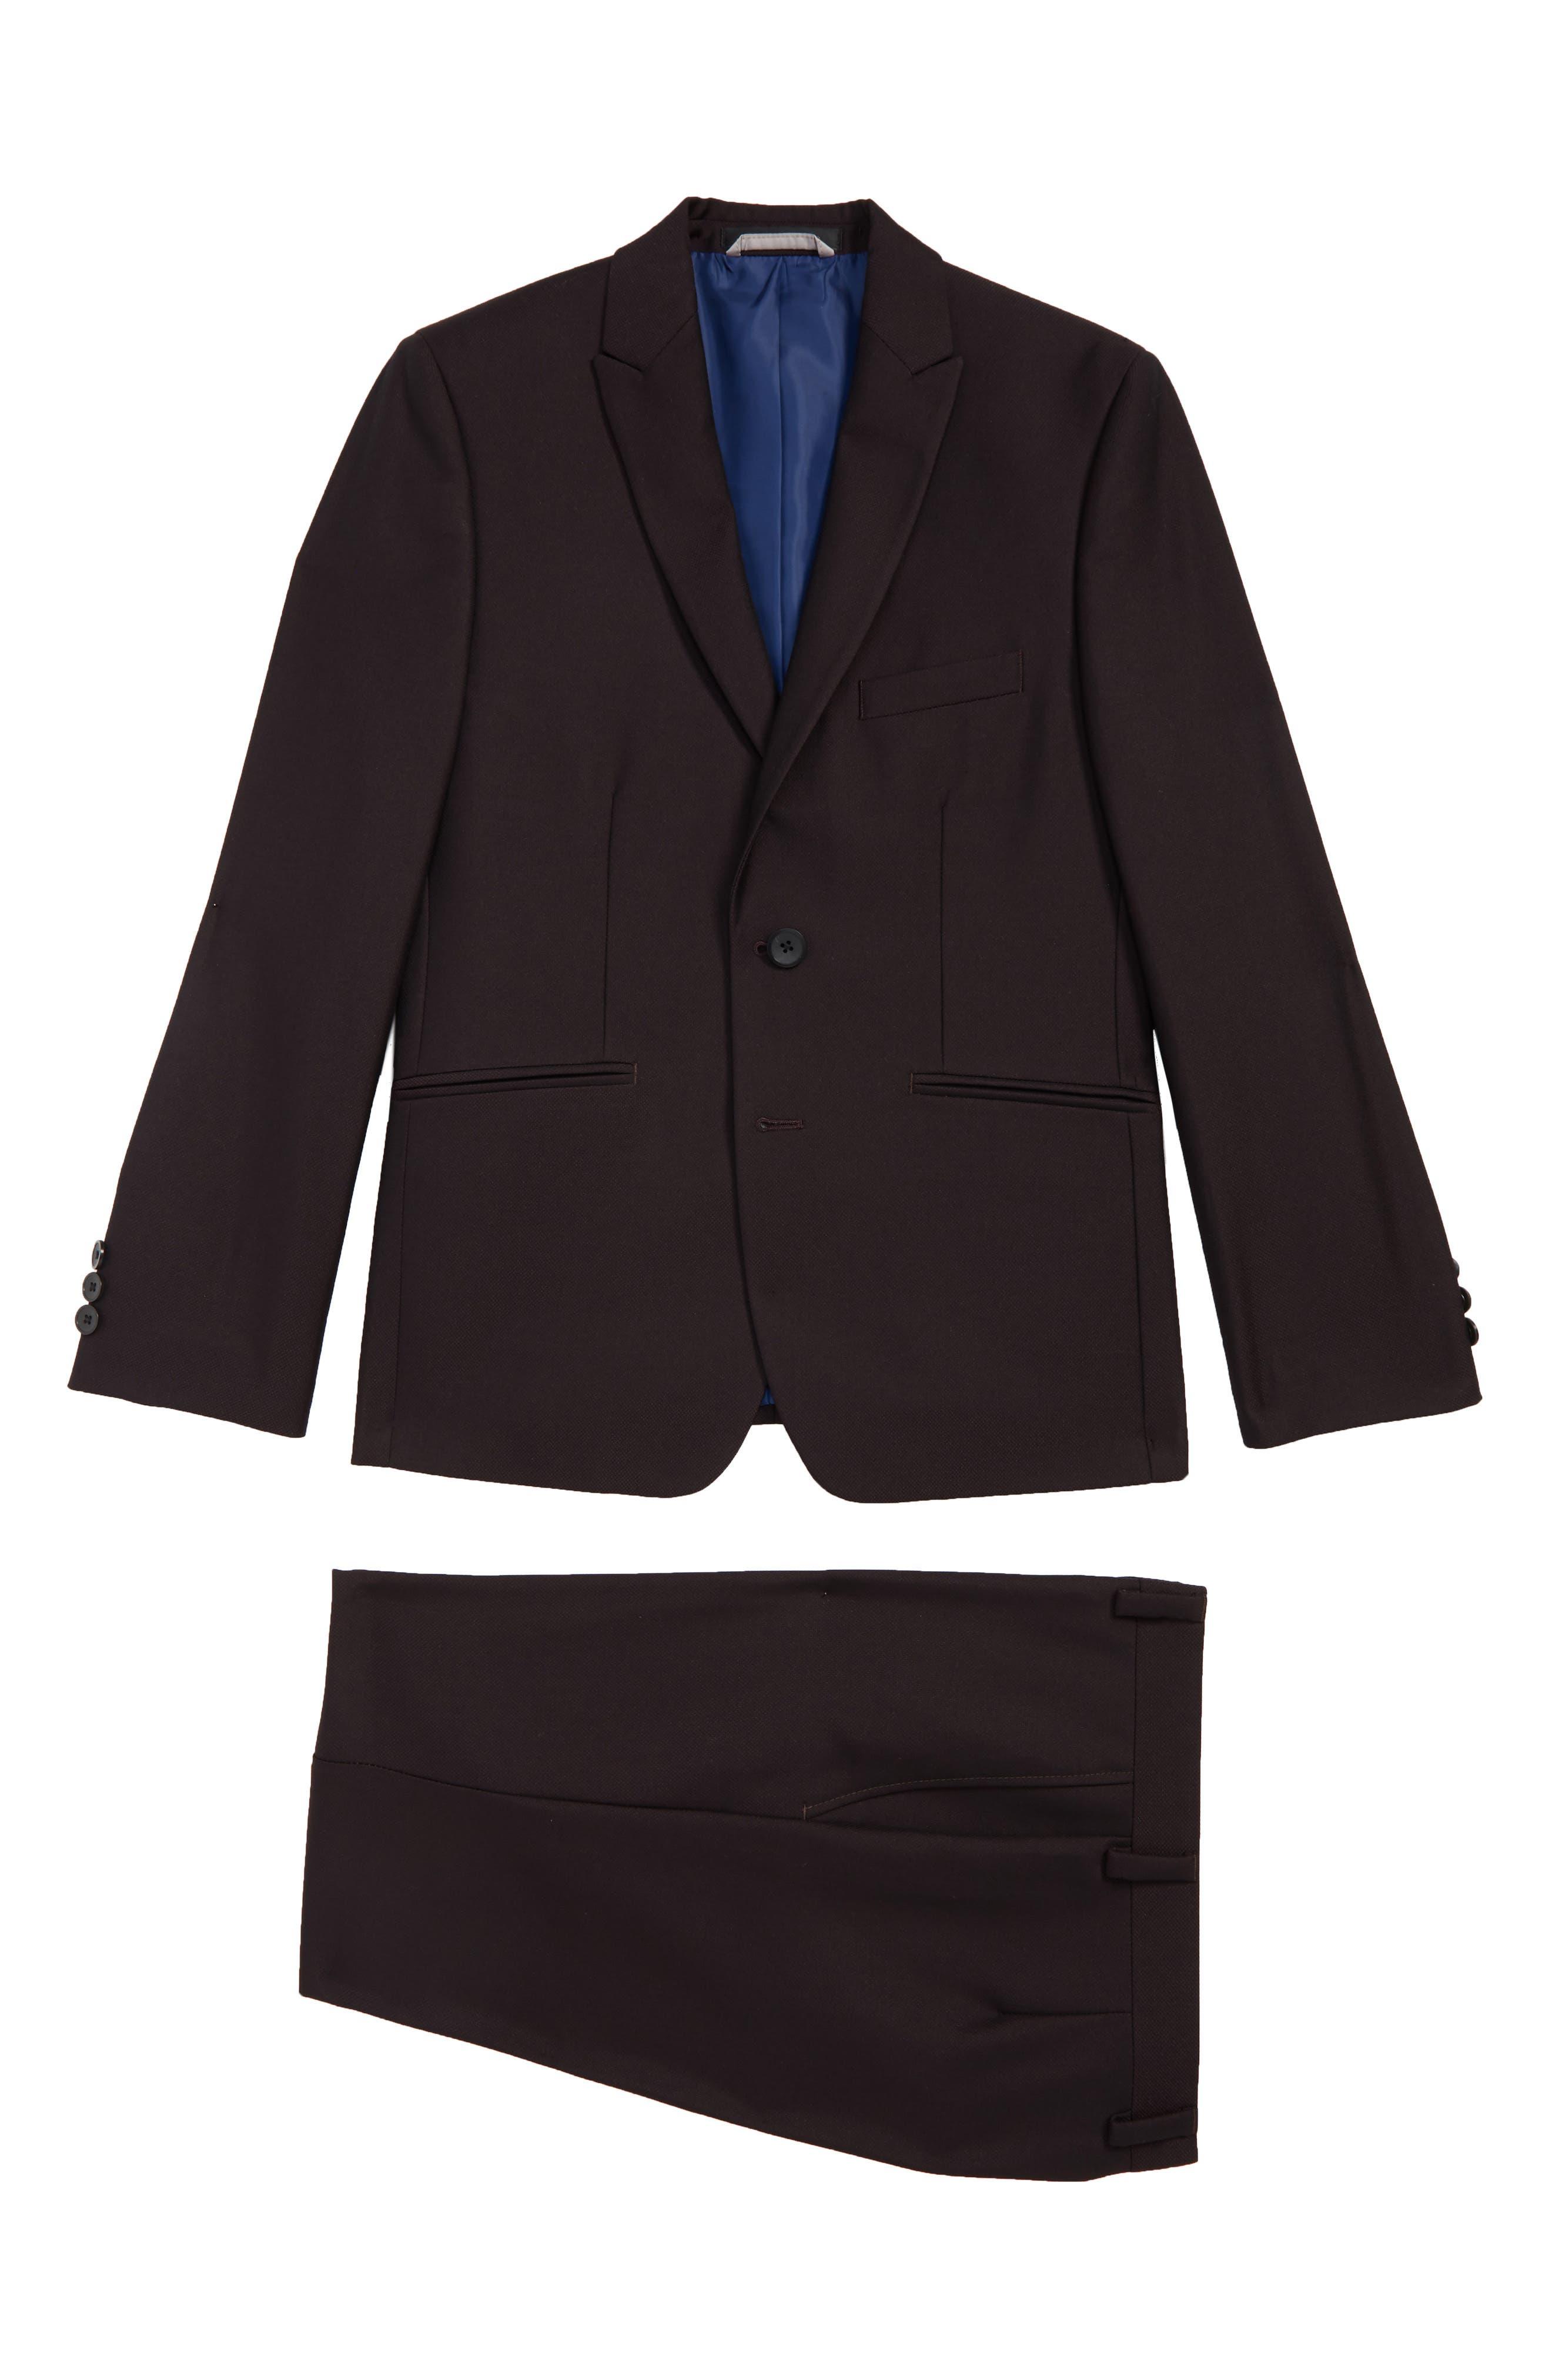 Plain Two-Piece Suit,                             Main thumbnail 1, color,                             WINE